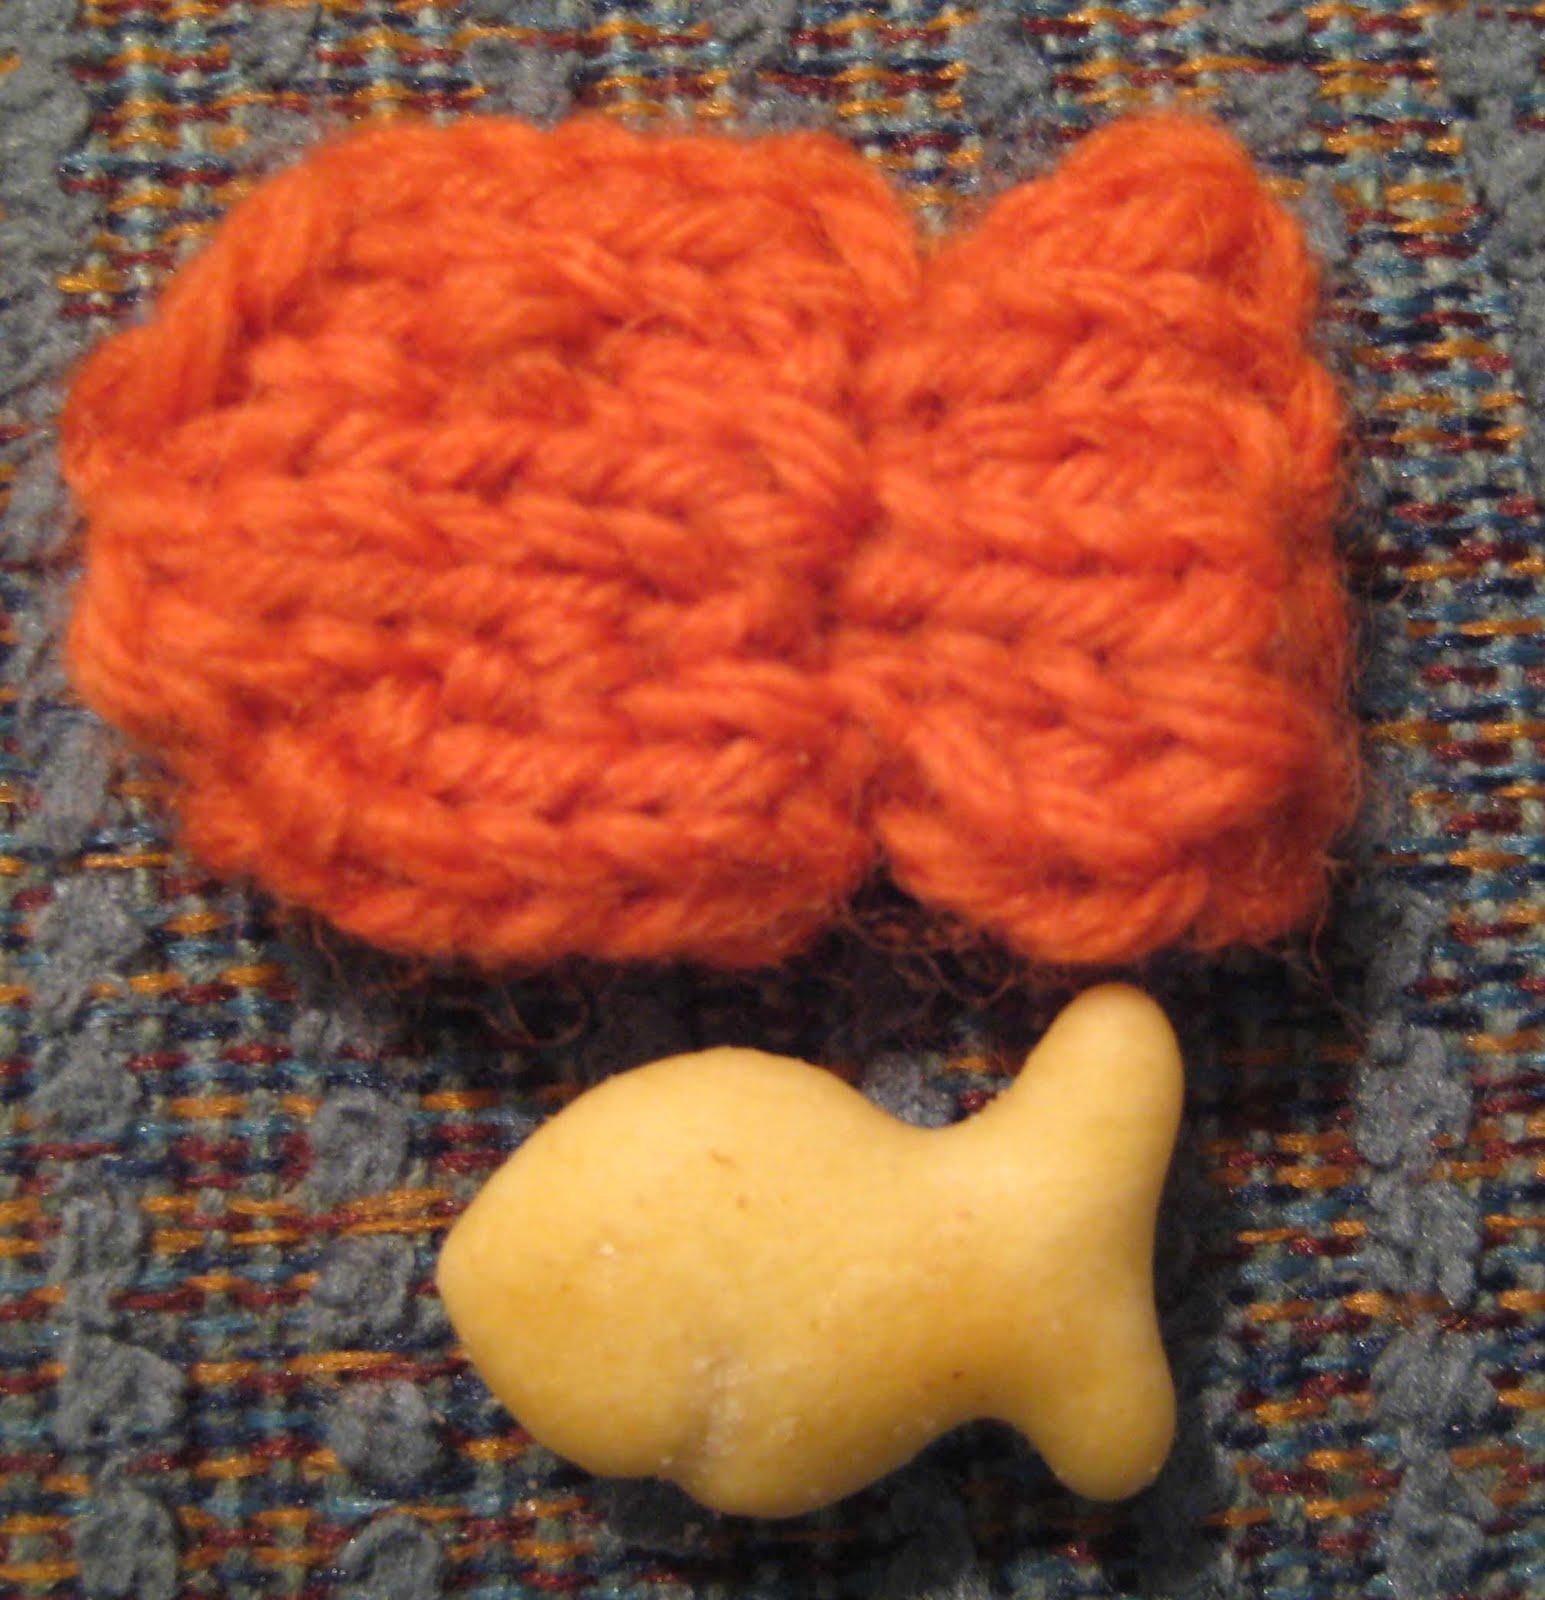 ChemKnits: Goldfish Knitting Pattern